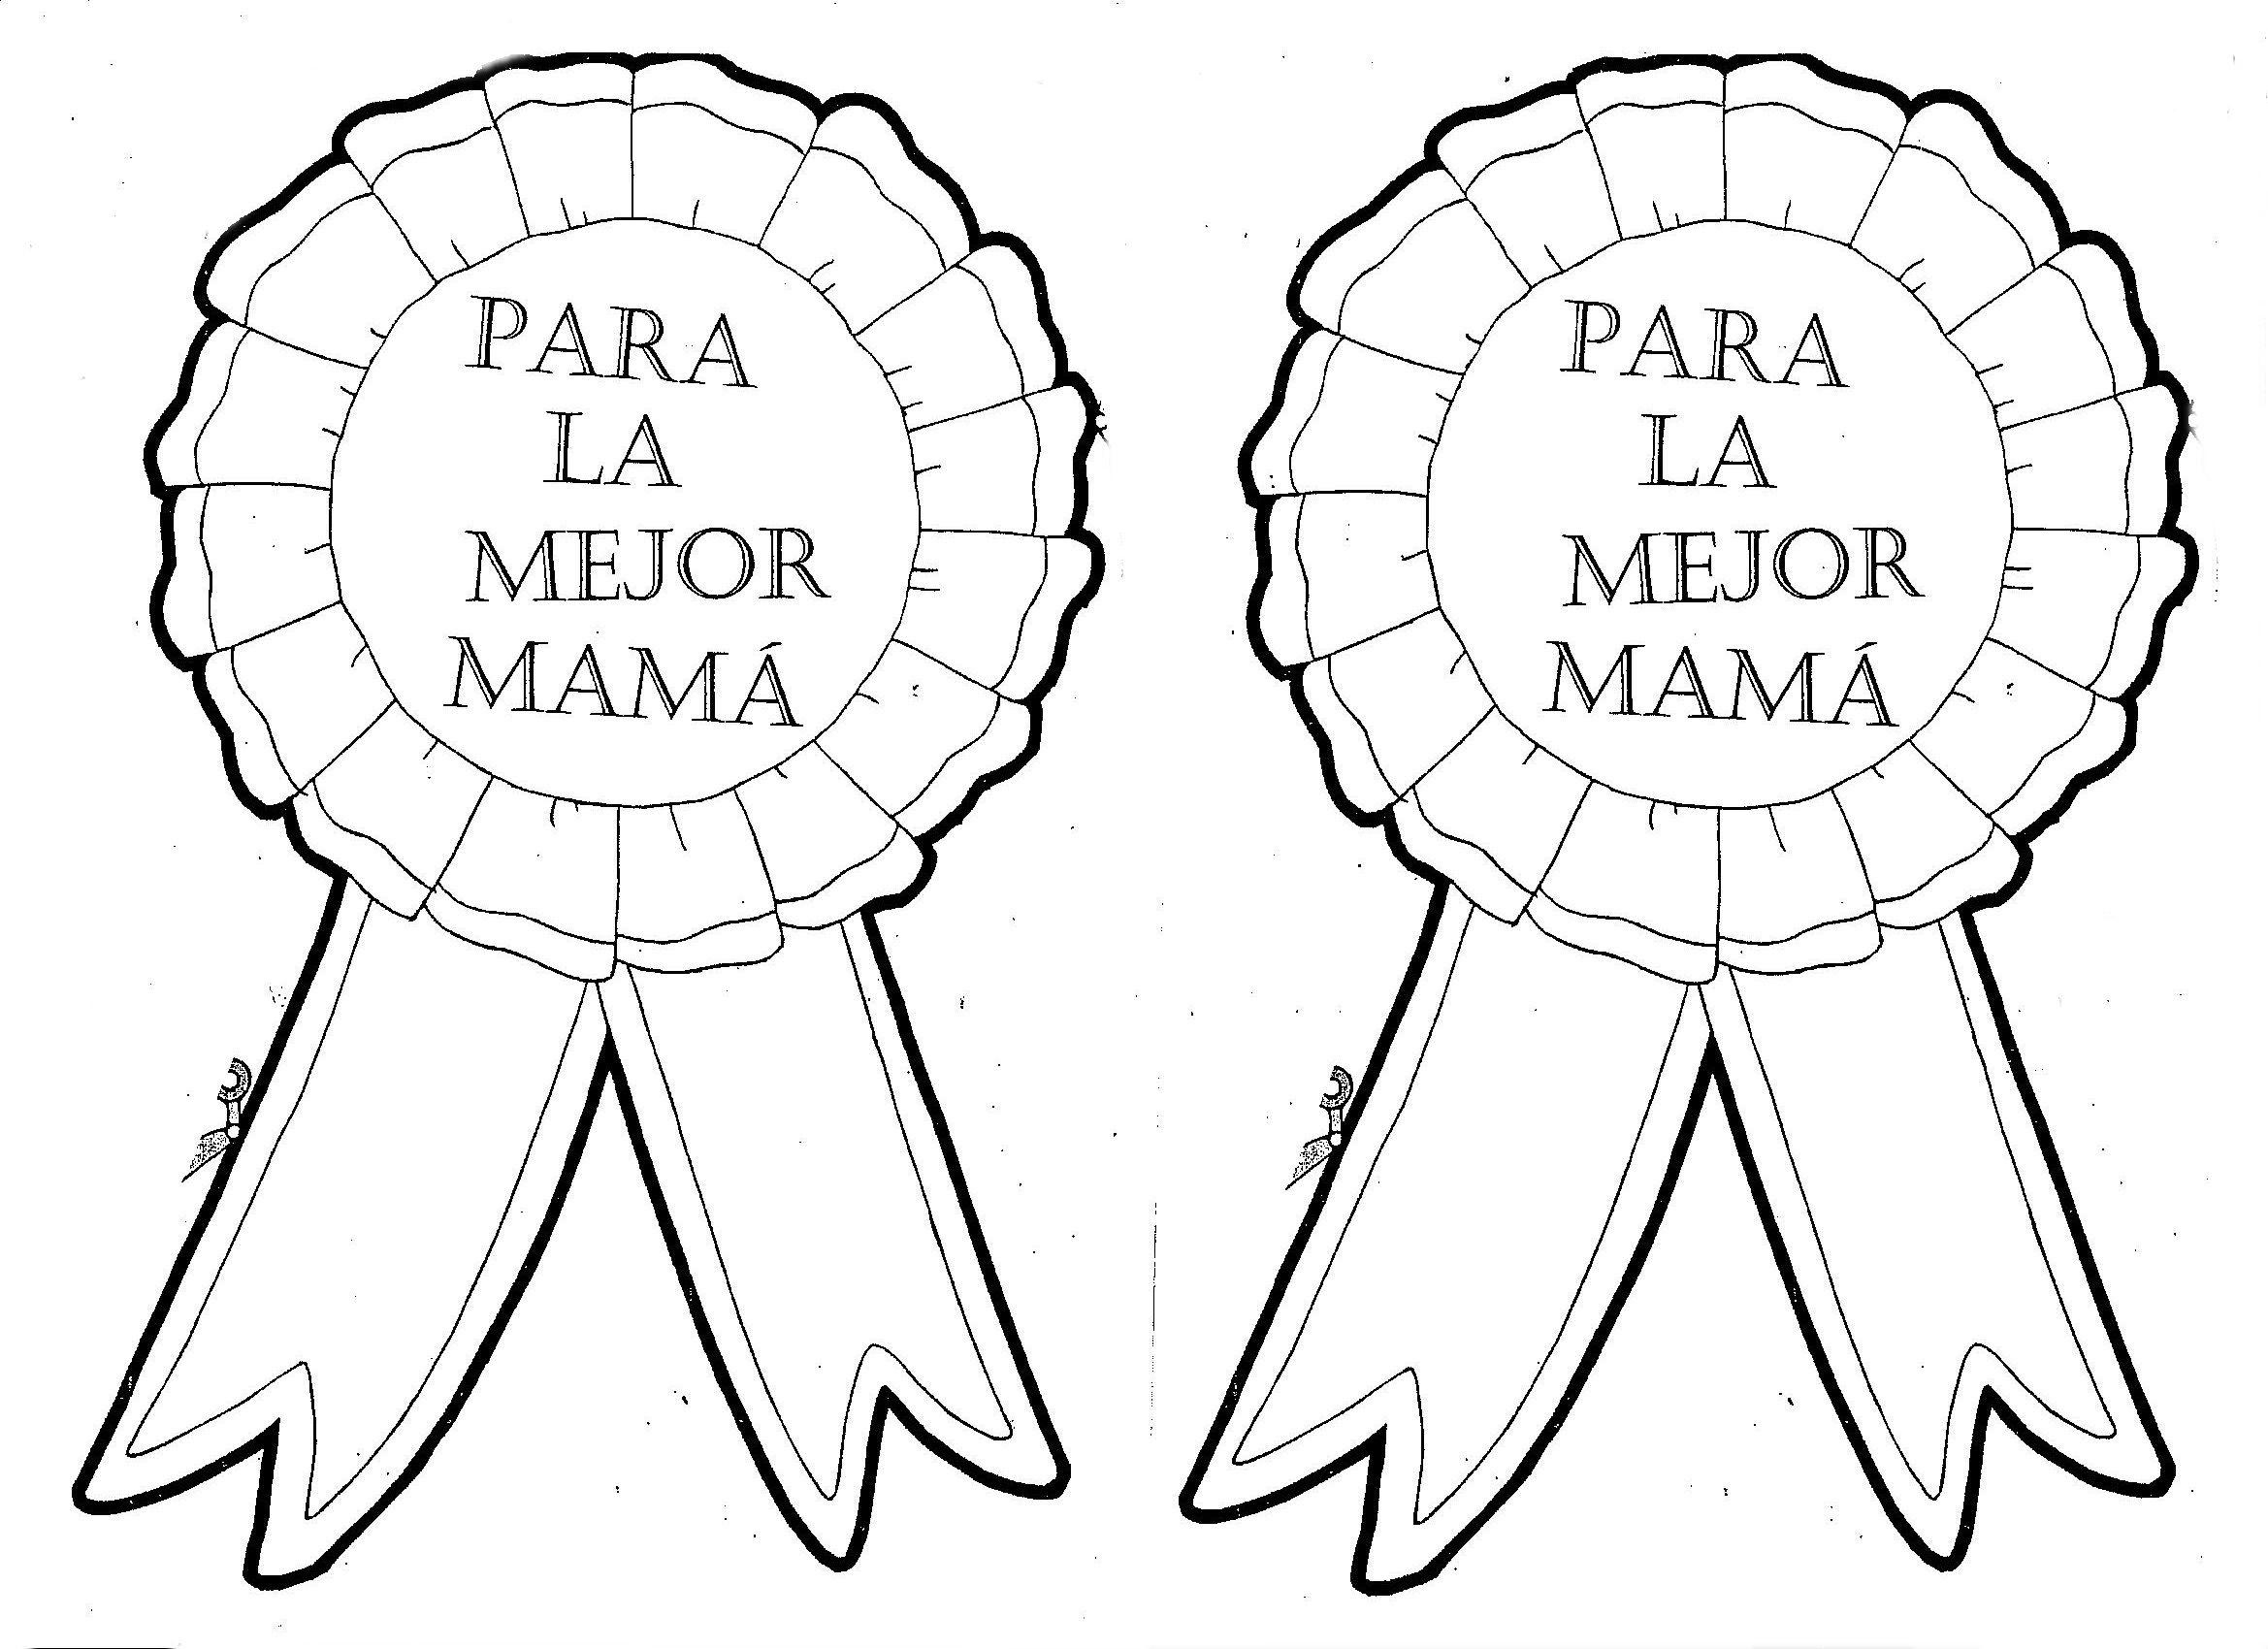 Medallas para la mejor mama - Dibujalia - Dibujos para colorear ...